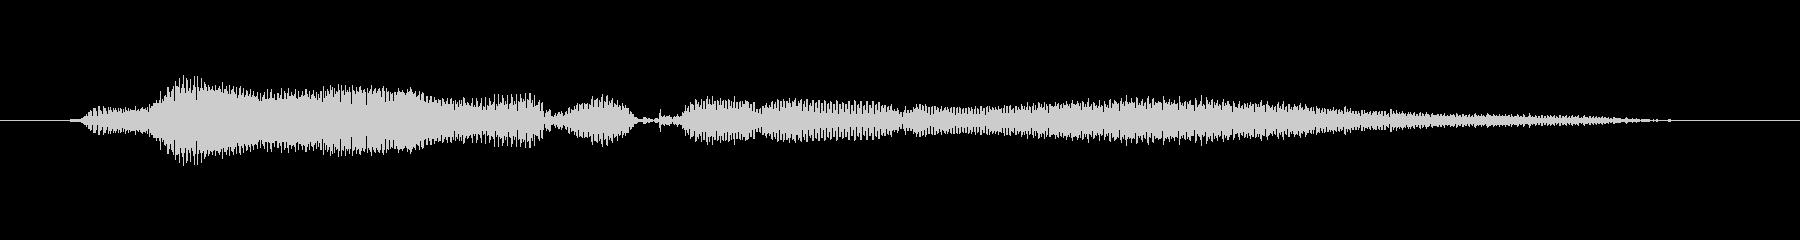 鳴き声 女性トークエルフィッシュ02の未再生の波形